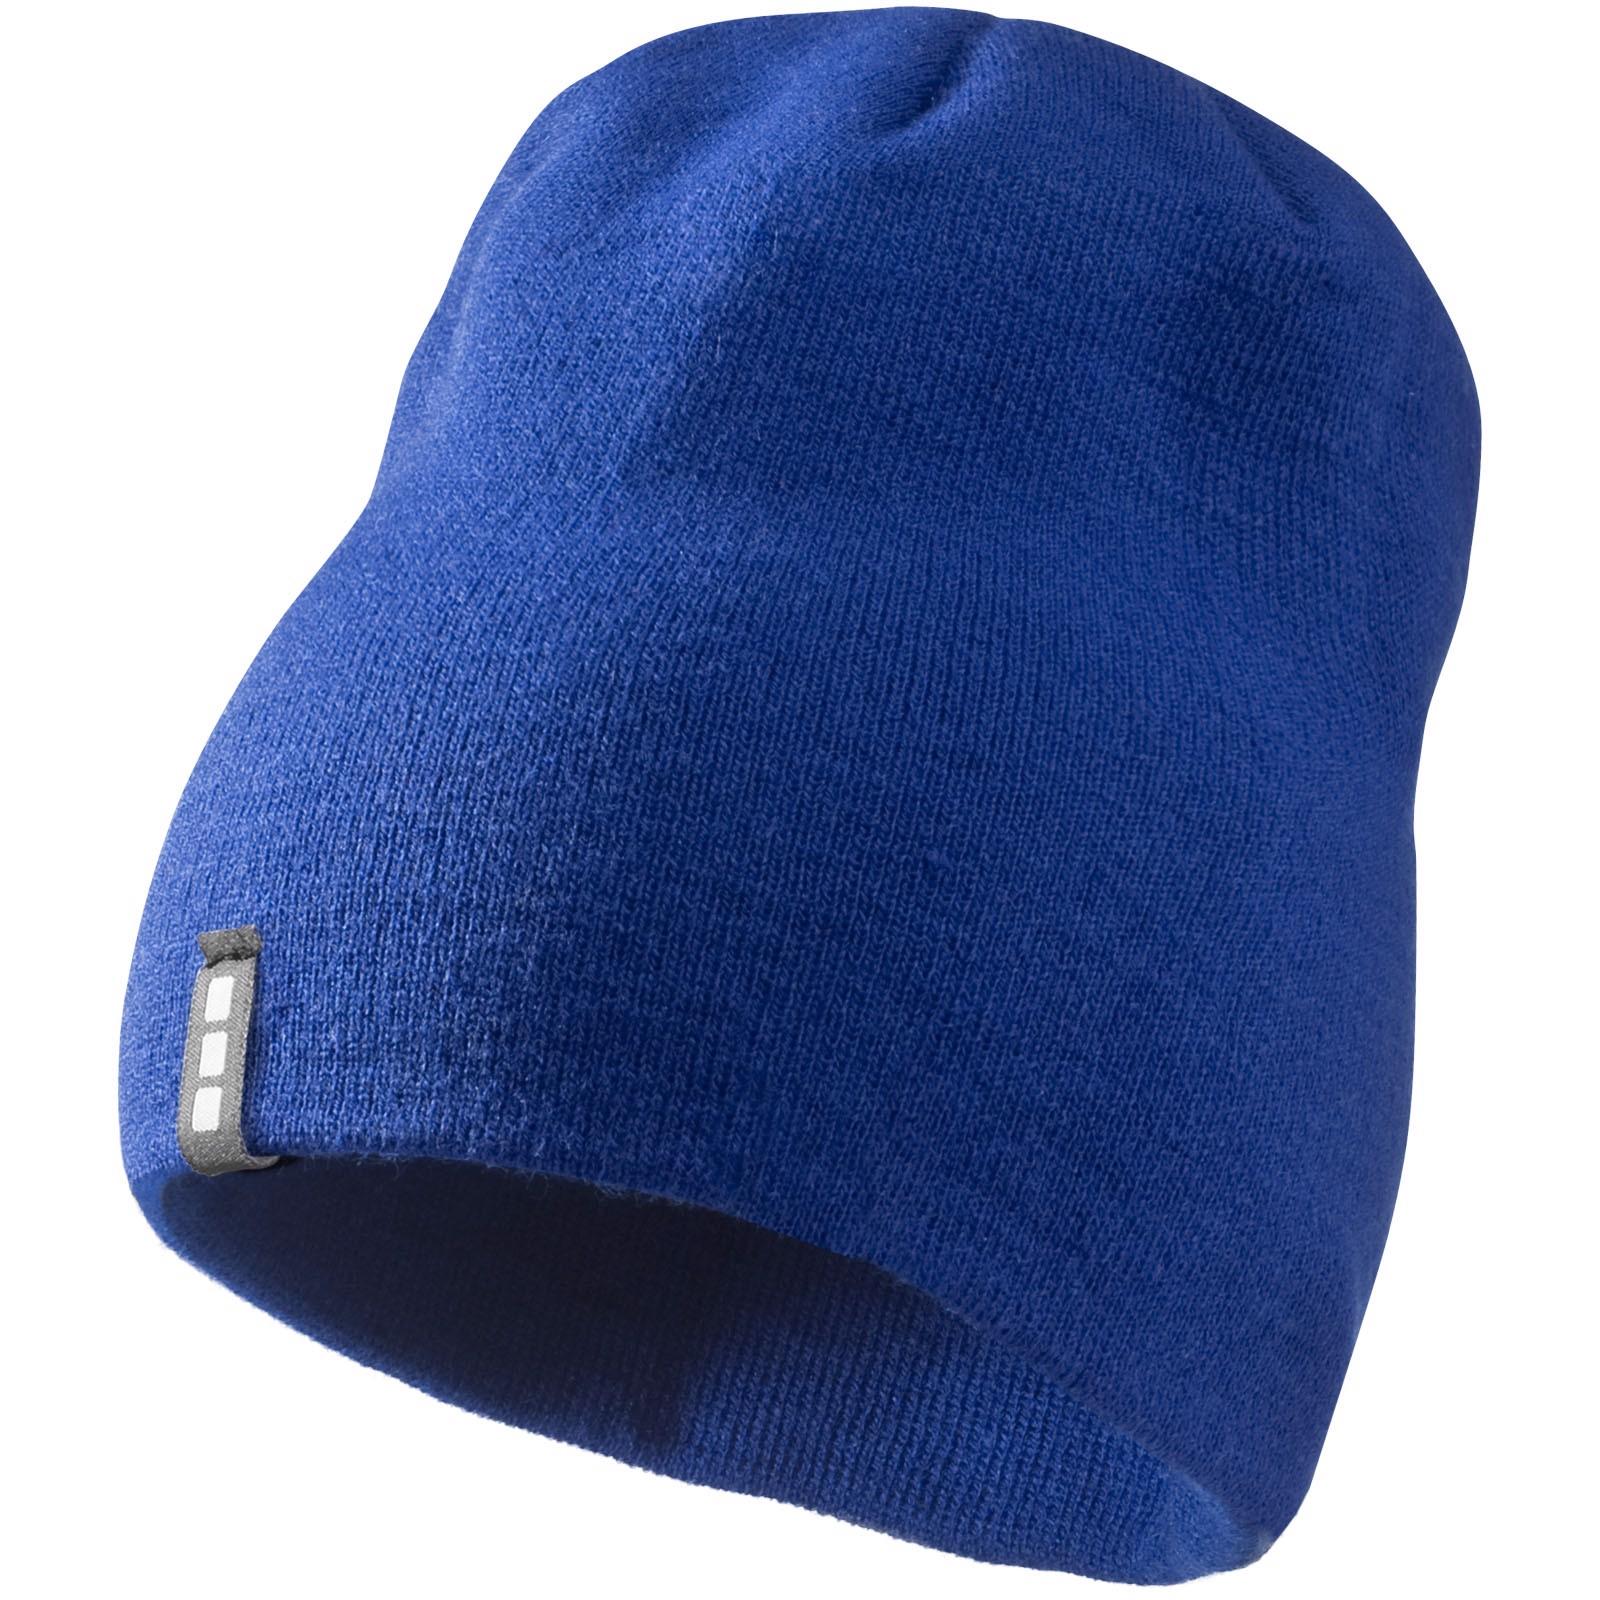 Čepice Level - Světle modrá